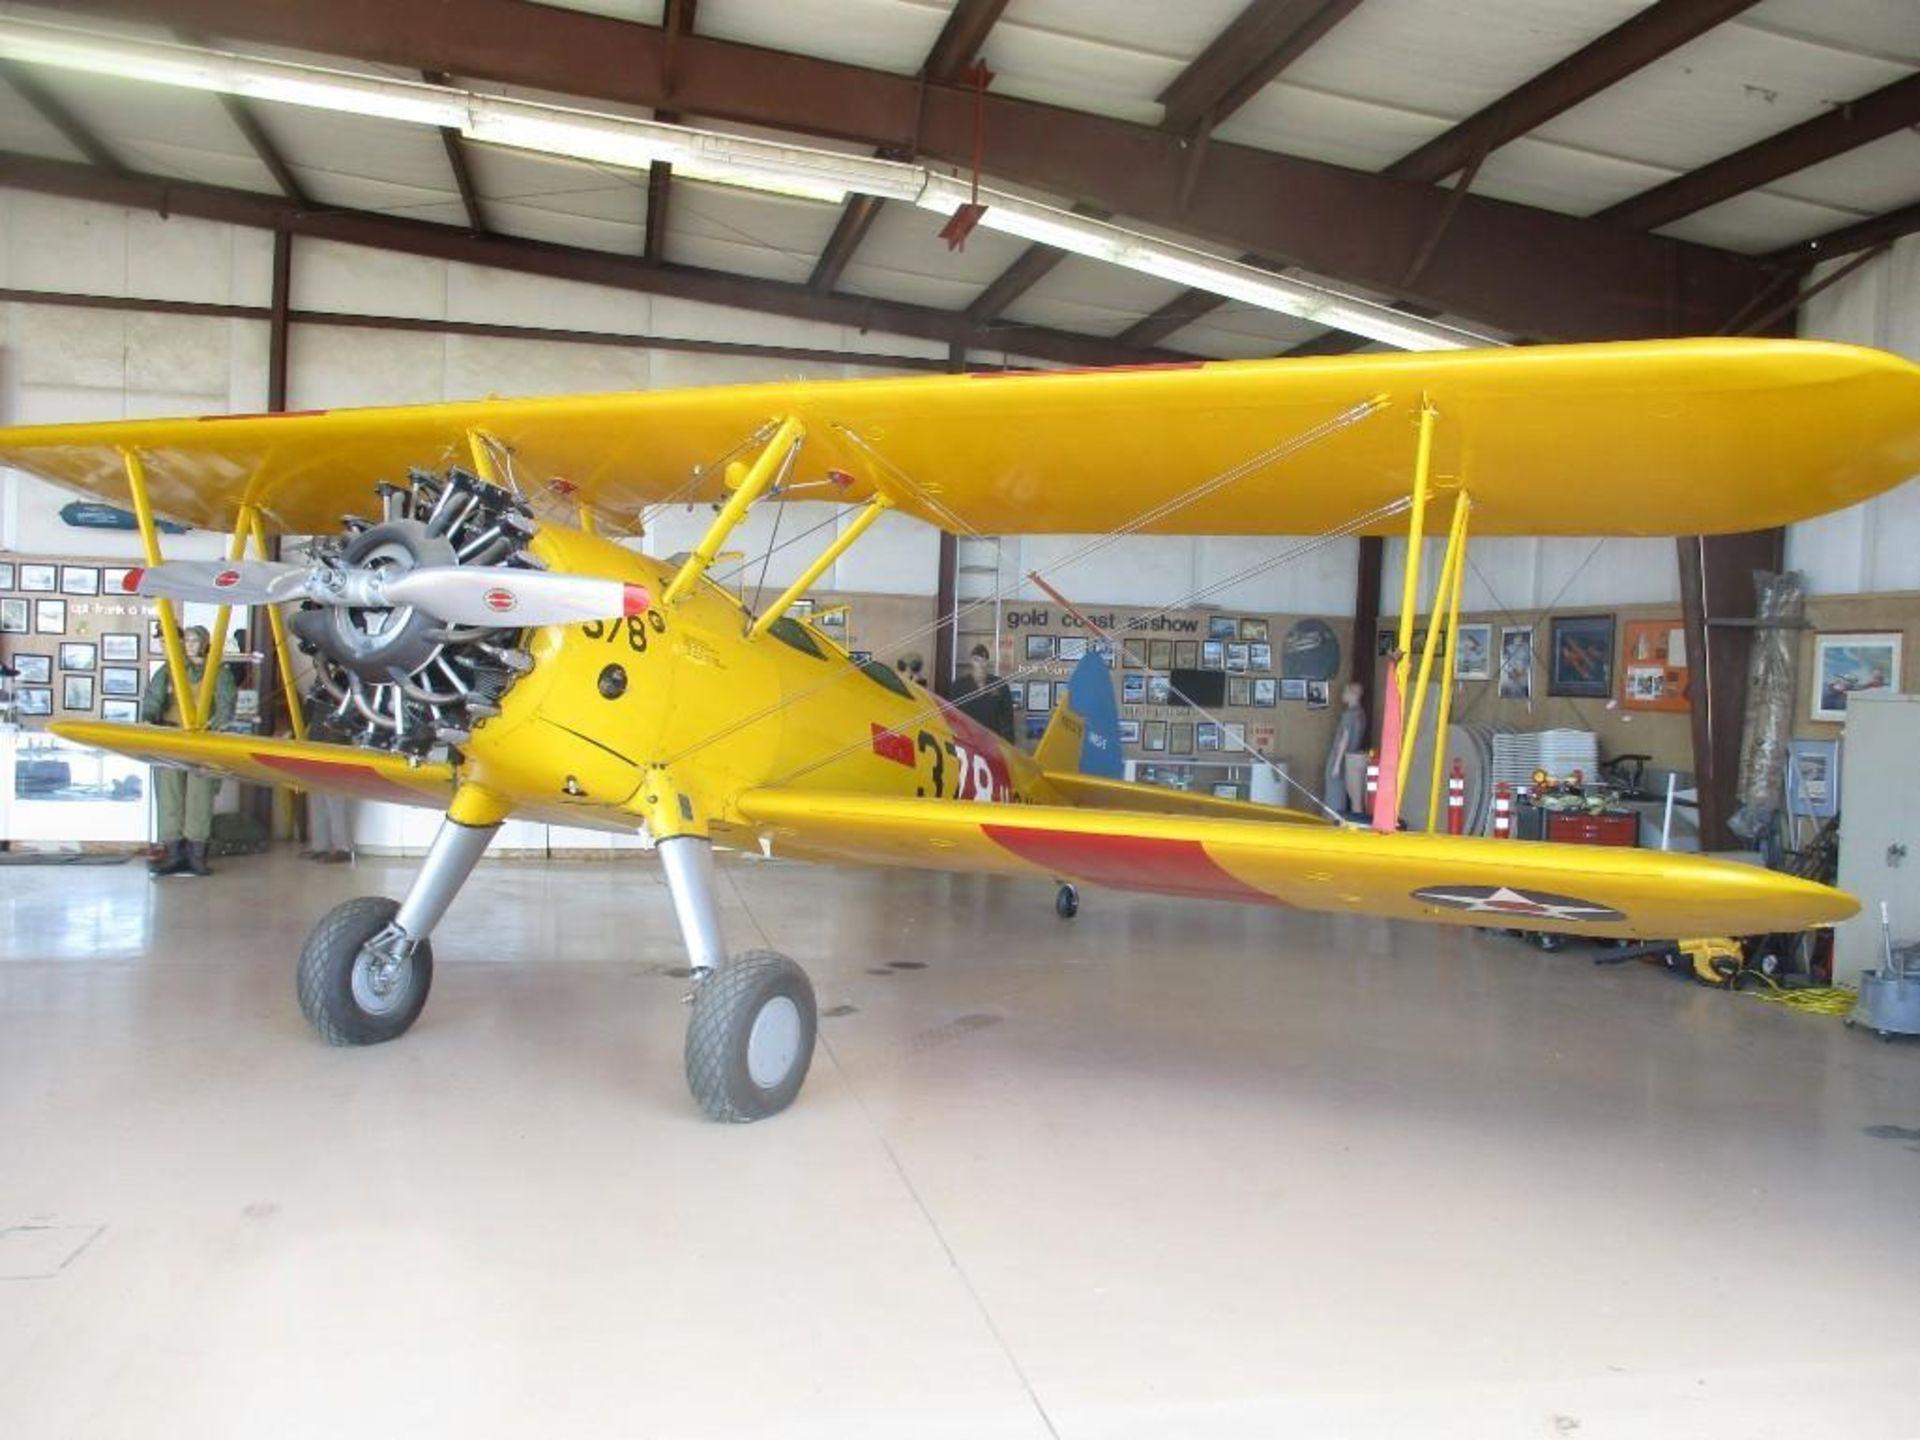 1937 BOEING A-75 STEARMAN N63378 S/N/ 75-254 - Image 3 of 7